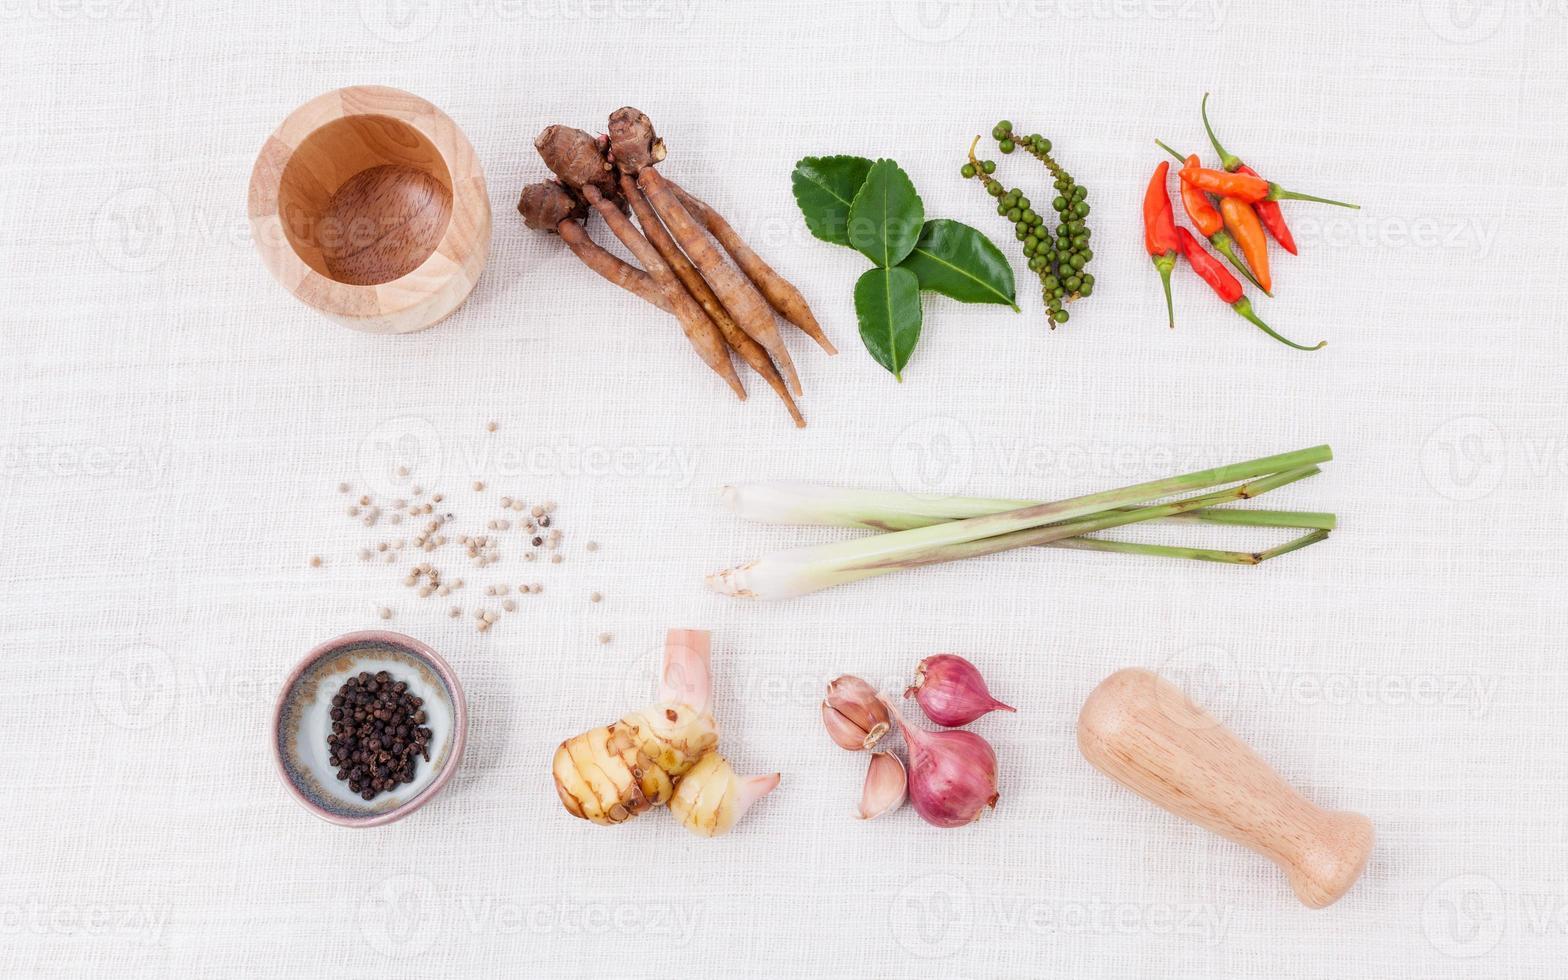 thailändisches Essen kochen Zutaten. - Paste aus thailändischen beliebten Lebensmitteln. foto